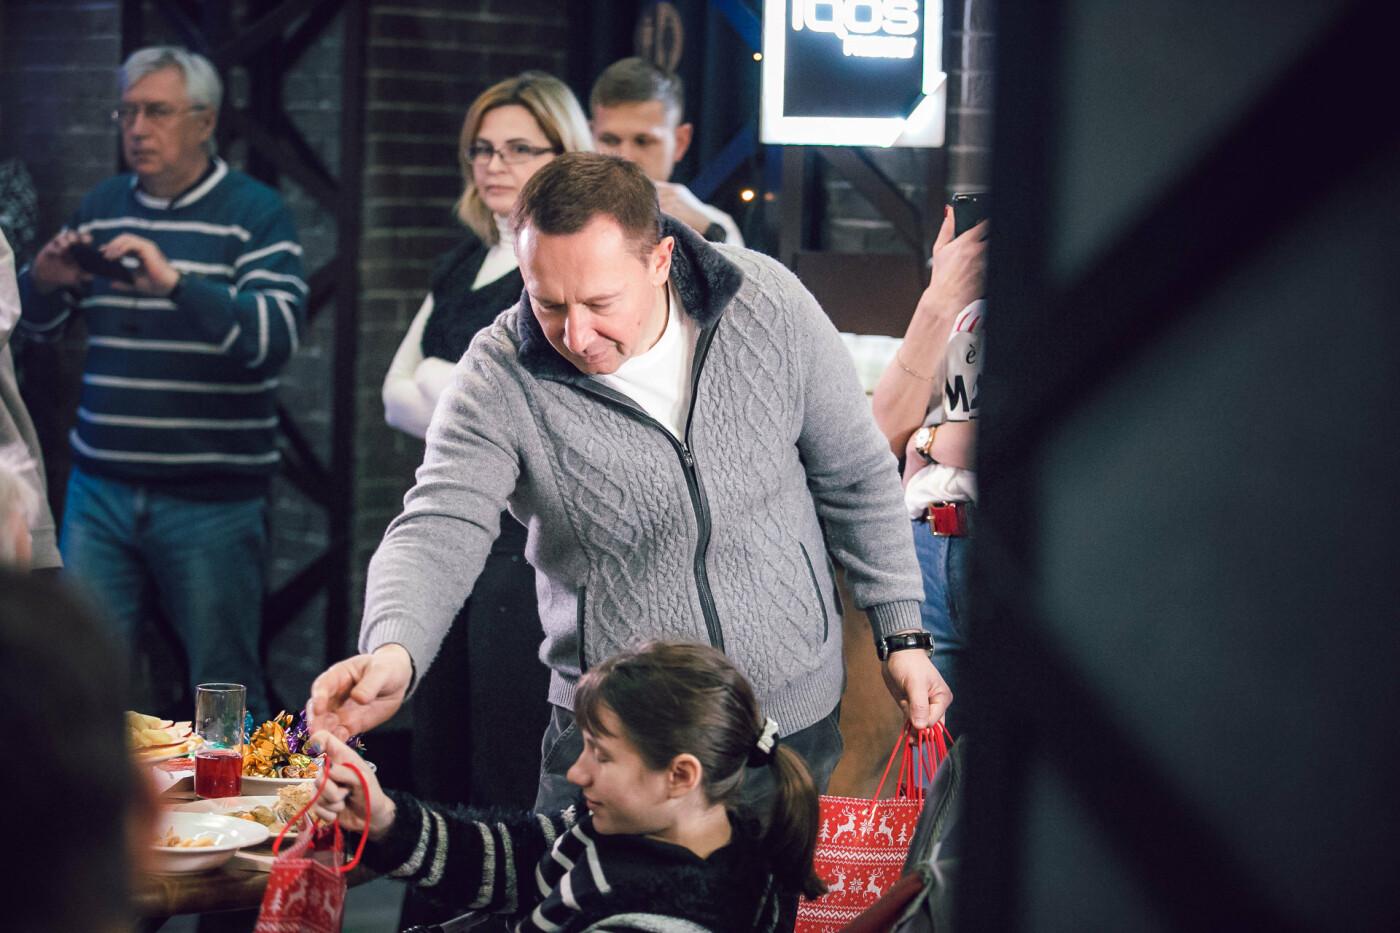 В Кривом Роге организовали особенный праздник для особенных детей, фото-1